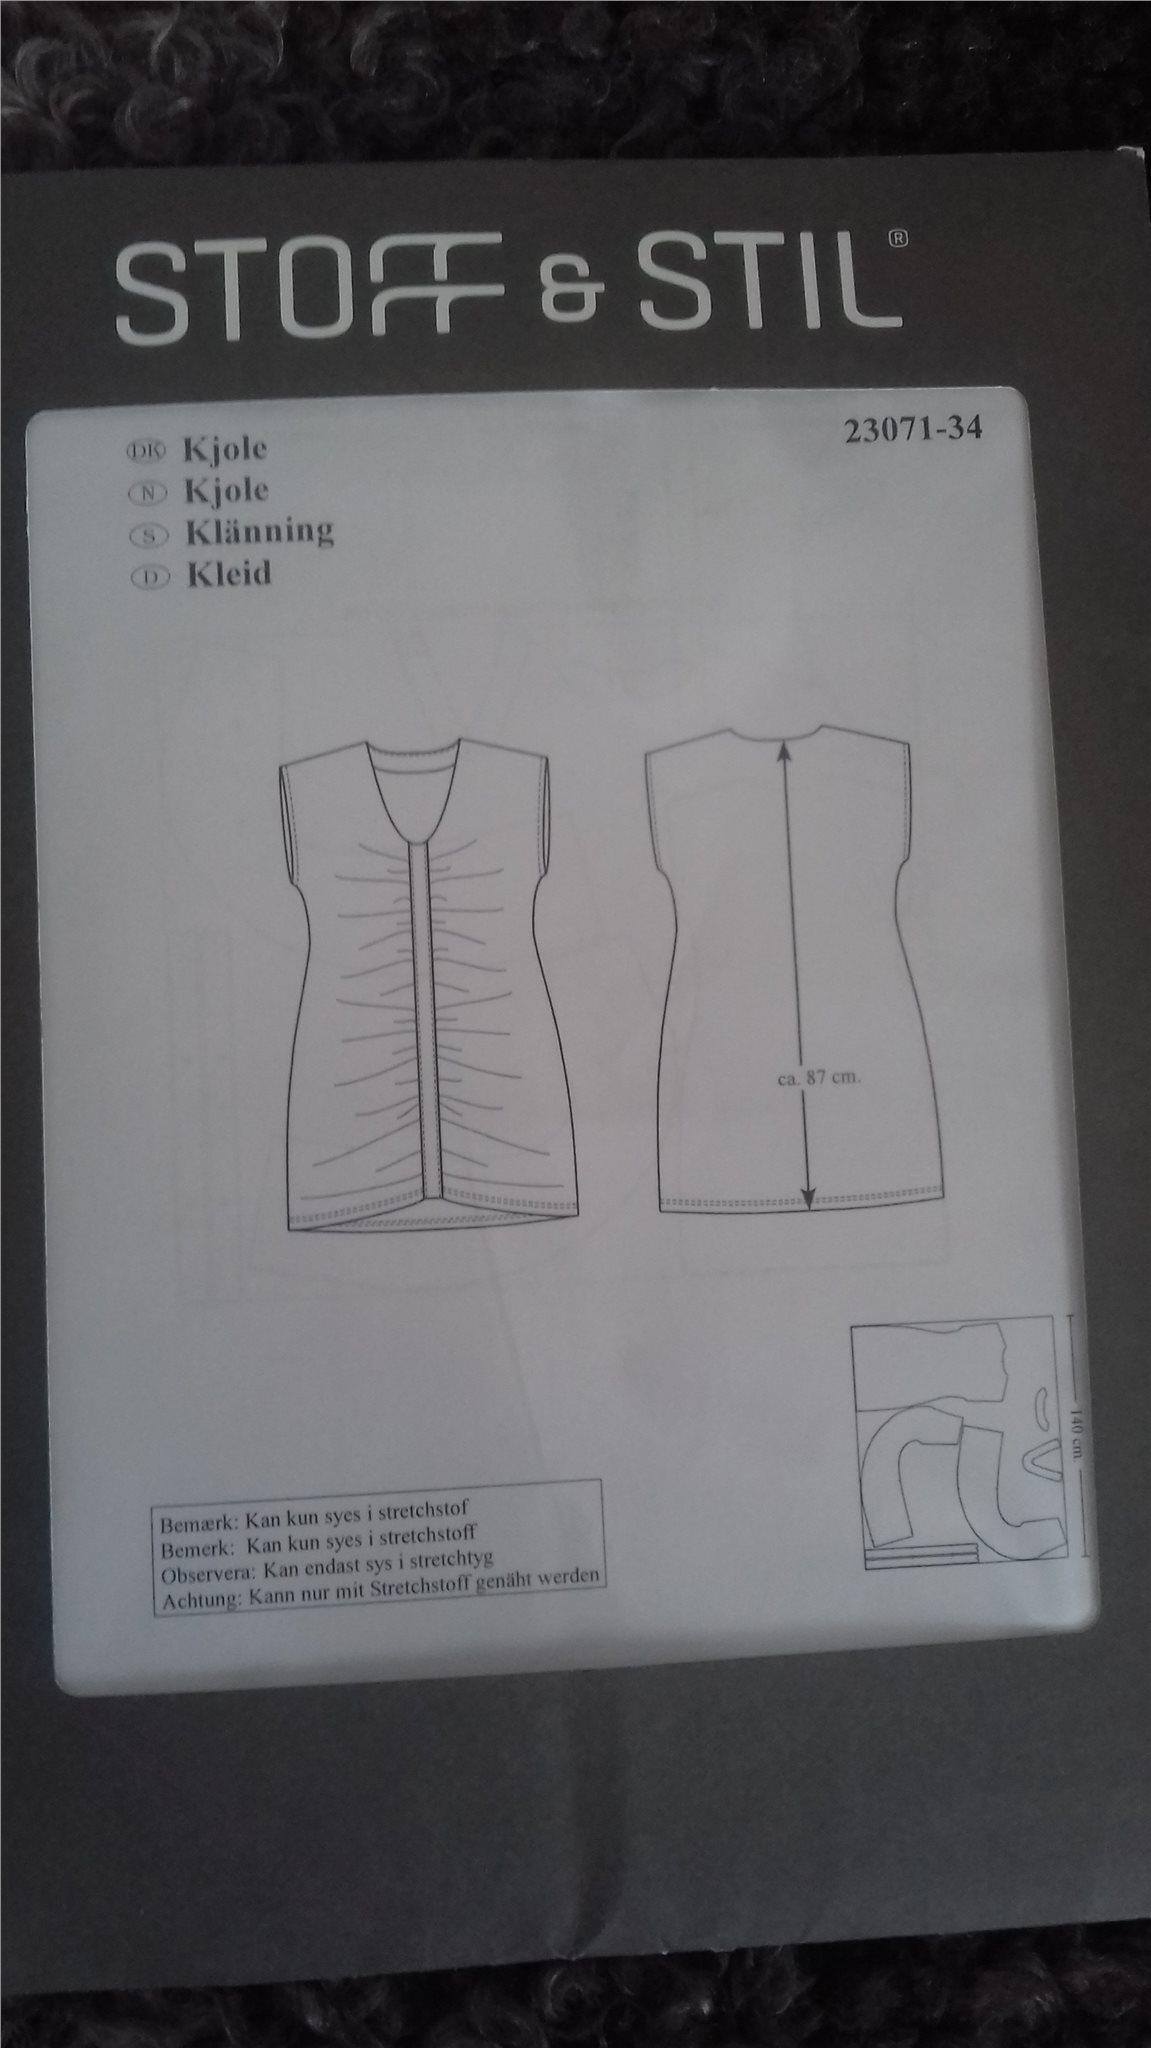 e87c29ba922d Klädmönster från Stoff o stil (348698073) ᐈ Köp på Tradera